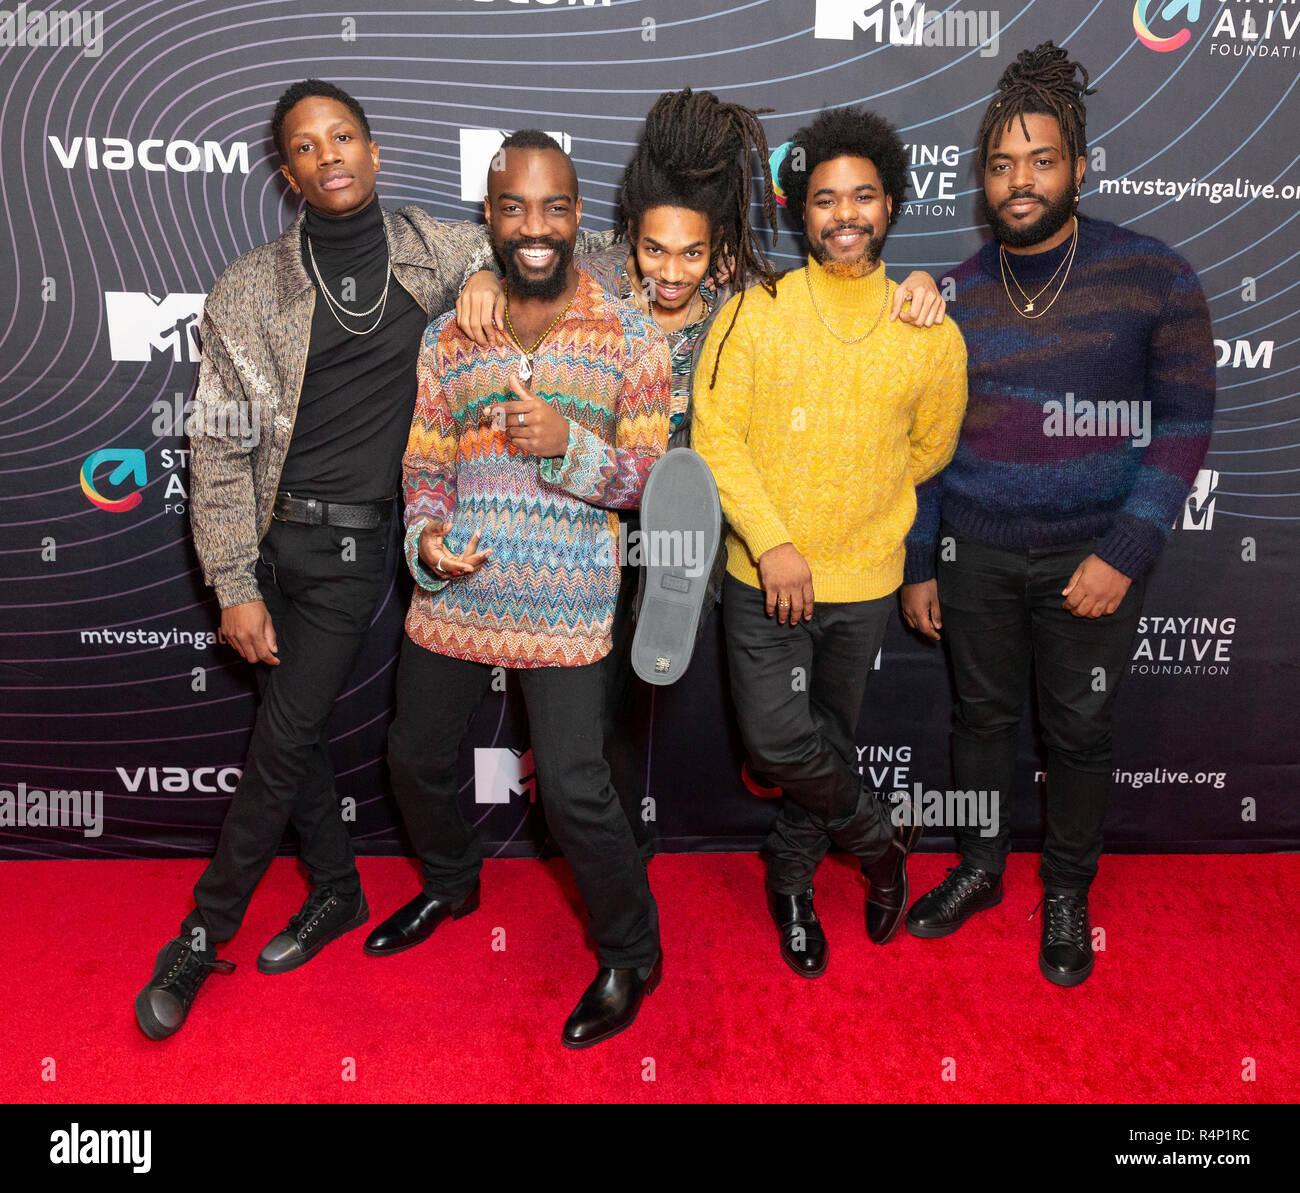 New York, NY - November 27, 2018: Phony Ppl band members